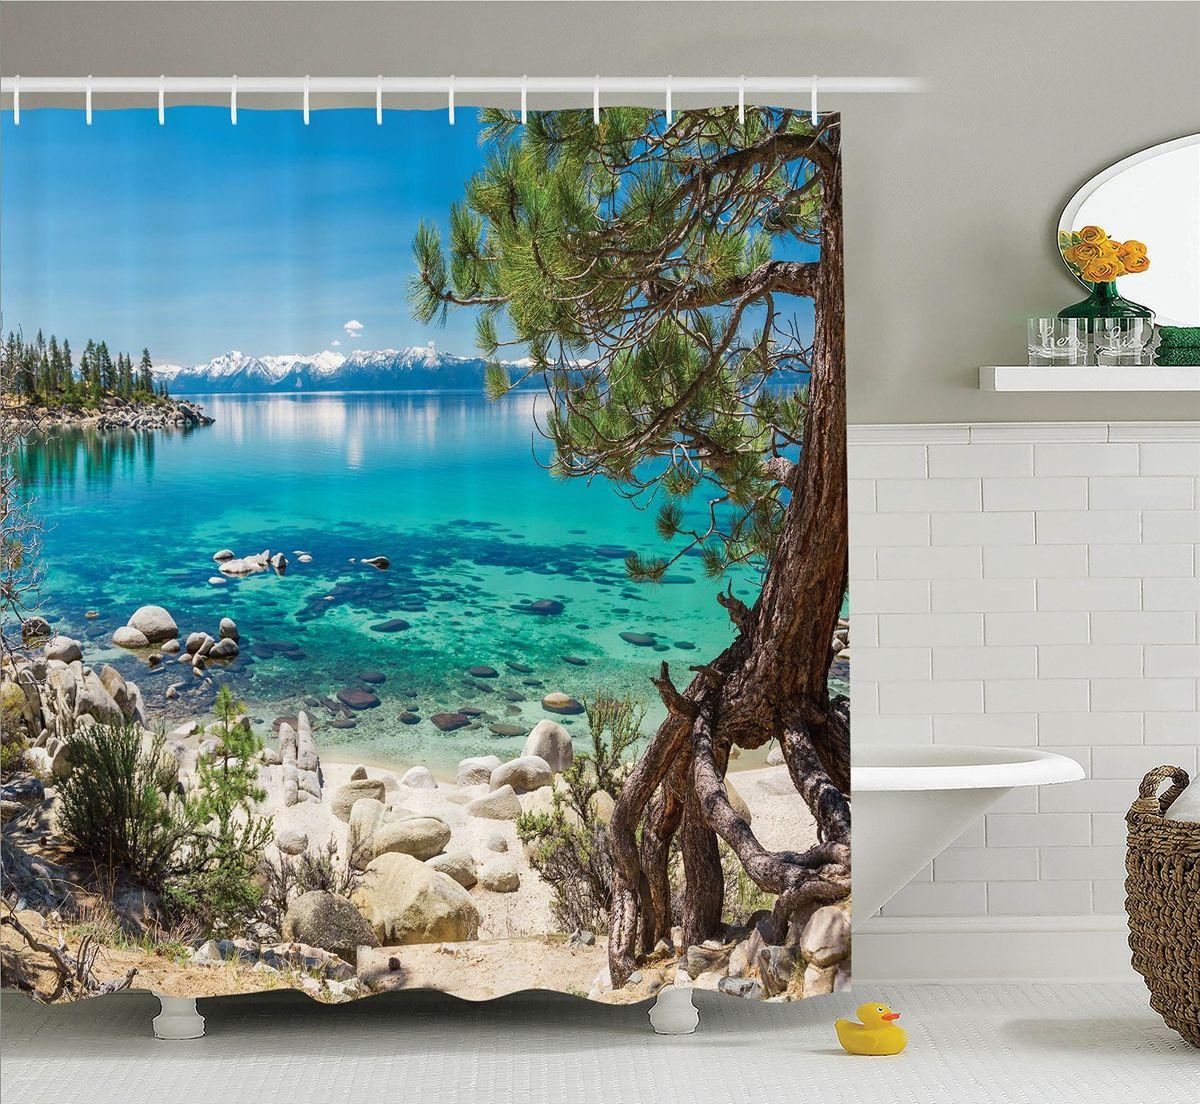 """Штора Magic Lady """"Сосна на морском берегу"""", изготовленная из высококачественного сатена (полиэстер 100%), отлично дополнит любой интерьер ванной комнаты. При изготовлении используются специальные гипоаллергенные чернила для прямой печати по ткани, безопасные для человека.    В комплекте: 1 штора, 12 крючков. Обращаем ваше внимание, фактический цвет изделия может незначительно отличаться от представленного на фото."""